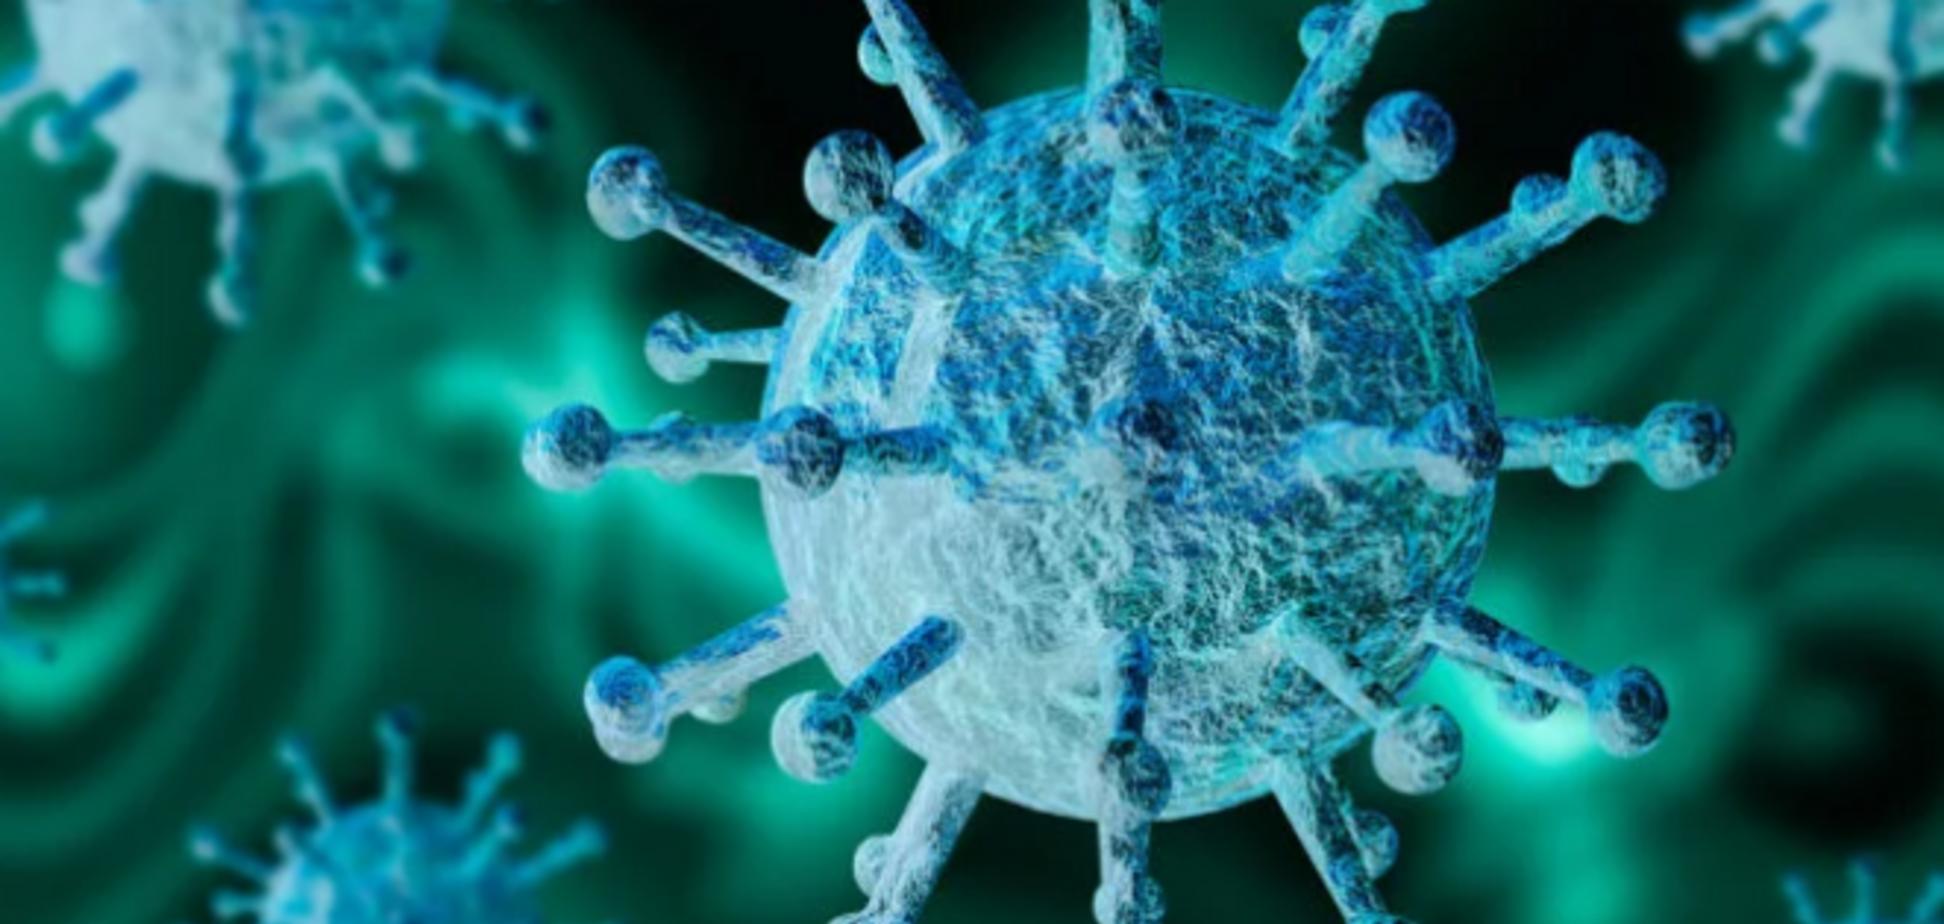 Скільки коронавірус живе на поверхнях